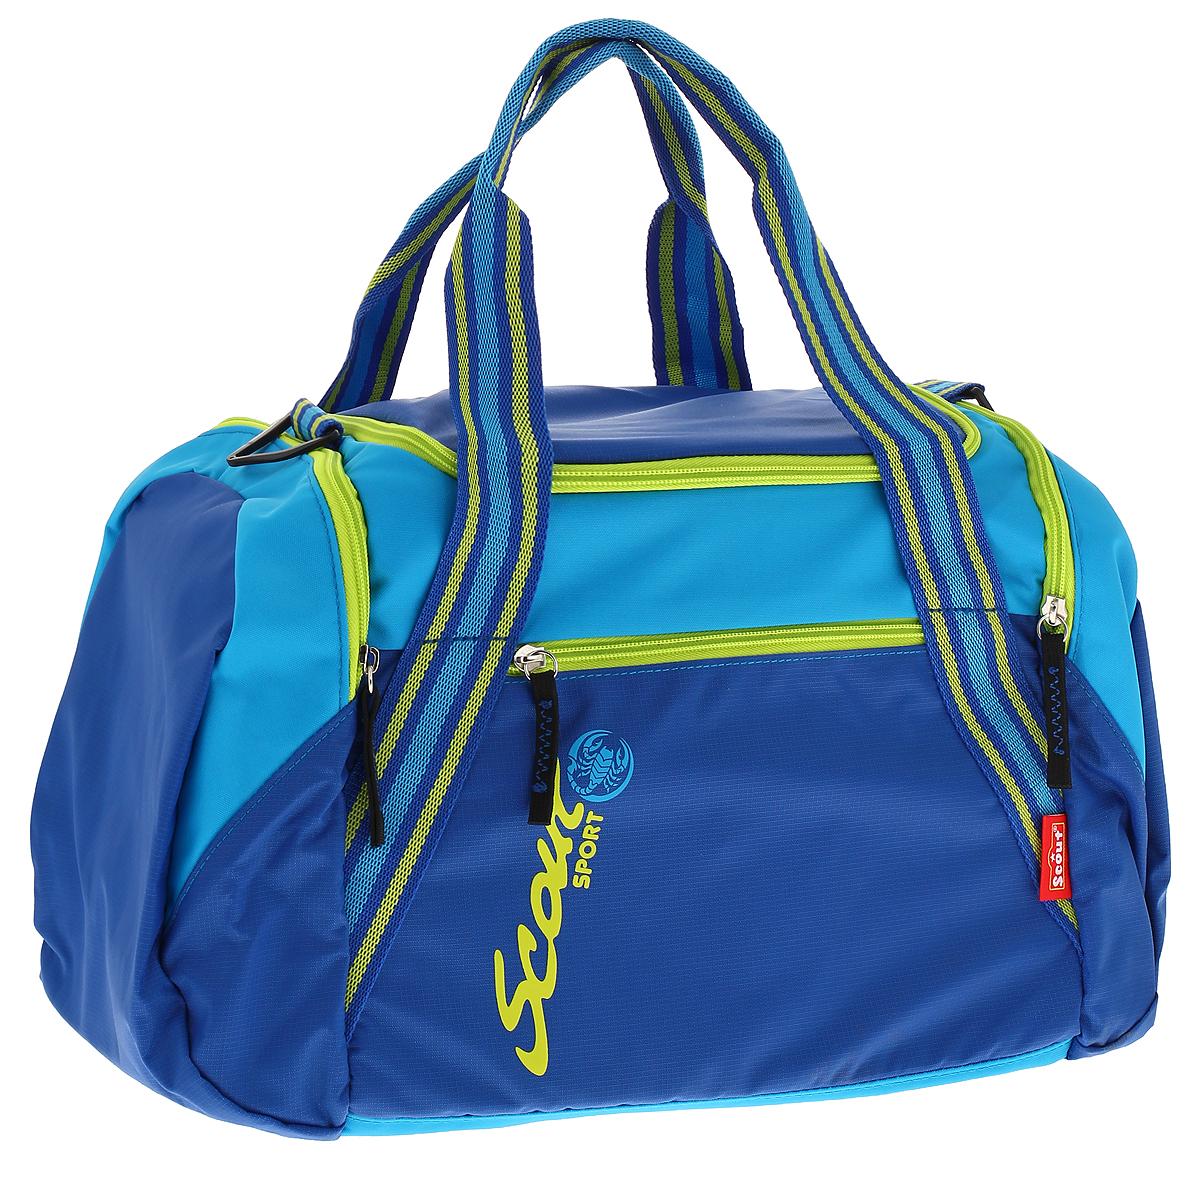 Сумка спортивная Scout, цвет: синий, голубой, салатовый257500-390Спортивная сумка Scout предназначена для переноски спортивных вещей, обуви и инвентаря. Сумка выполнена из прочного текстильного материала синего, голубого и салатового цветов и содержит одно вместительное отделение, закрывающееся на застежку-молнию с двумя бегунками. На тыльной стороне сумки расположен внешний карман для мелочей, закрывающийся на застежку-молнию. По бокам находятся два внешних кармана, закрывающихся также на застежки-молнии. Бегунки на застежках дополнены удобными текстильными держателями. Спортивная сумка оснащена двумя текстильными ручками для переноски в руке и съемным плечевым ремнем, регулируемым по длине. Характеристики: Материал: текстиль, пластик, металл. Размер сумки: 39 см х 29 см x 23 см.